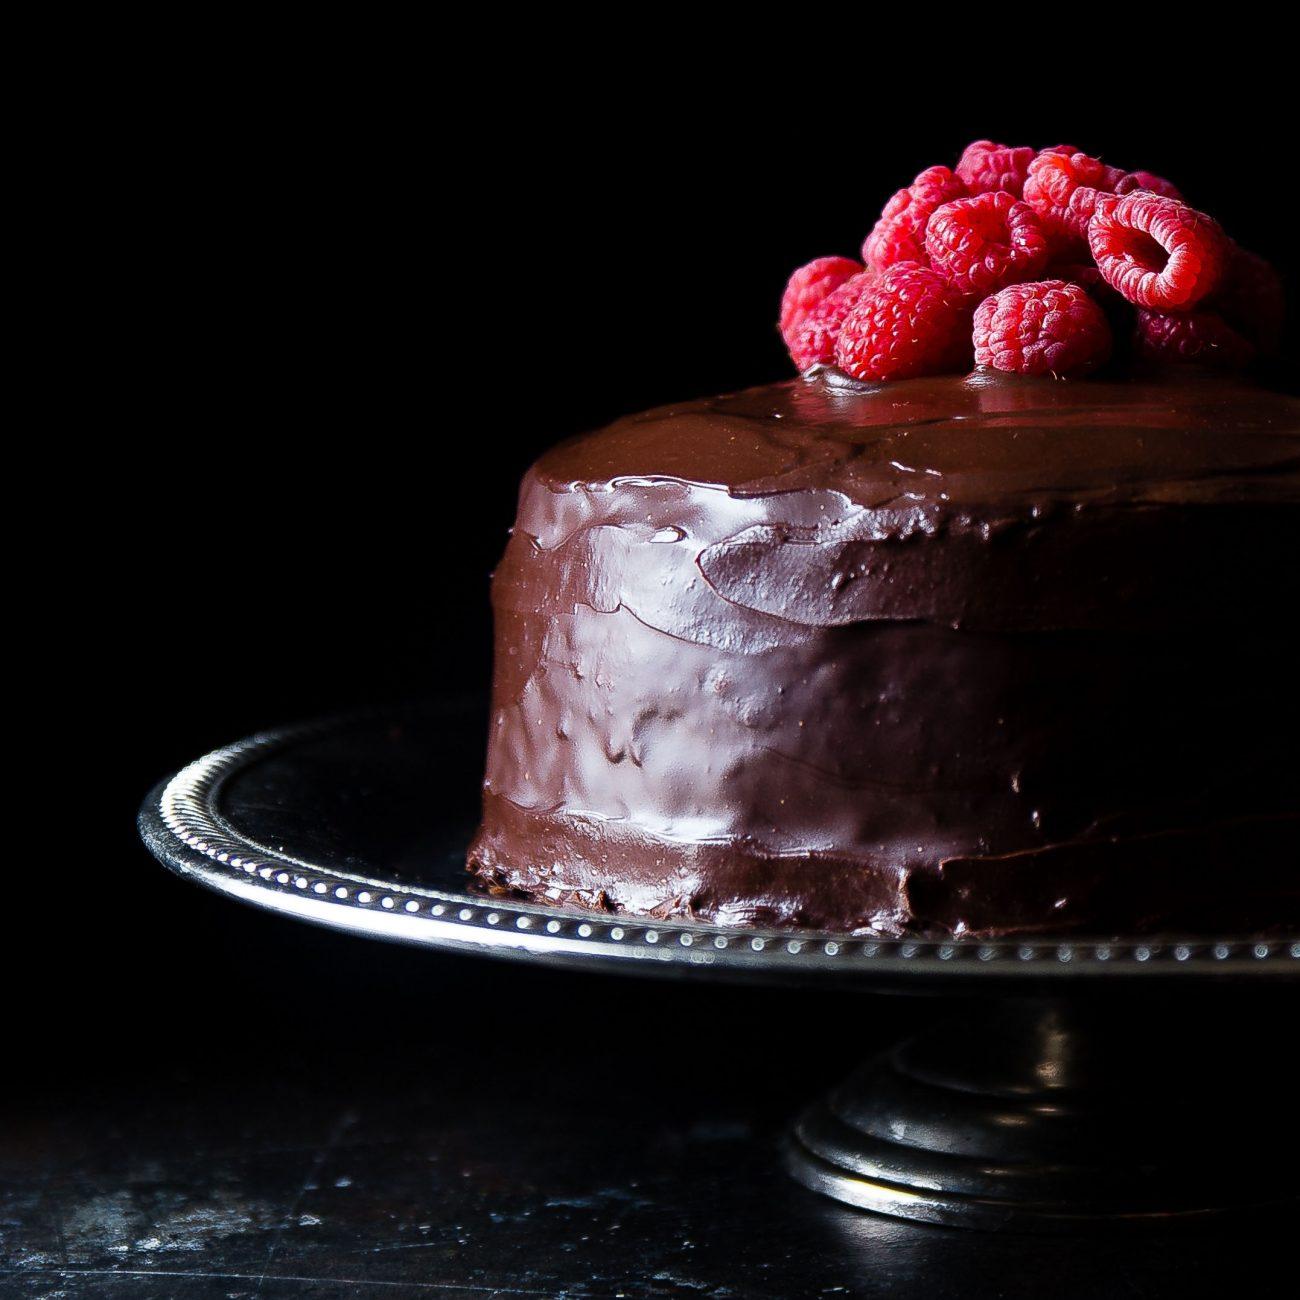 Torta cioccolato e lamponi al profumo d'arancia